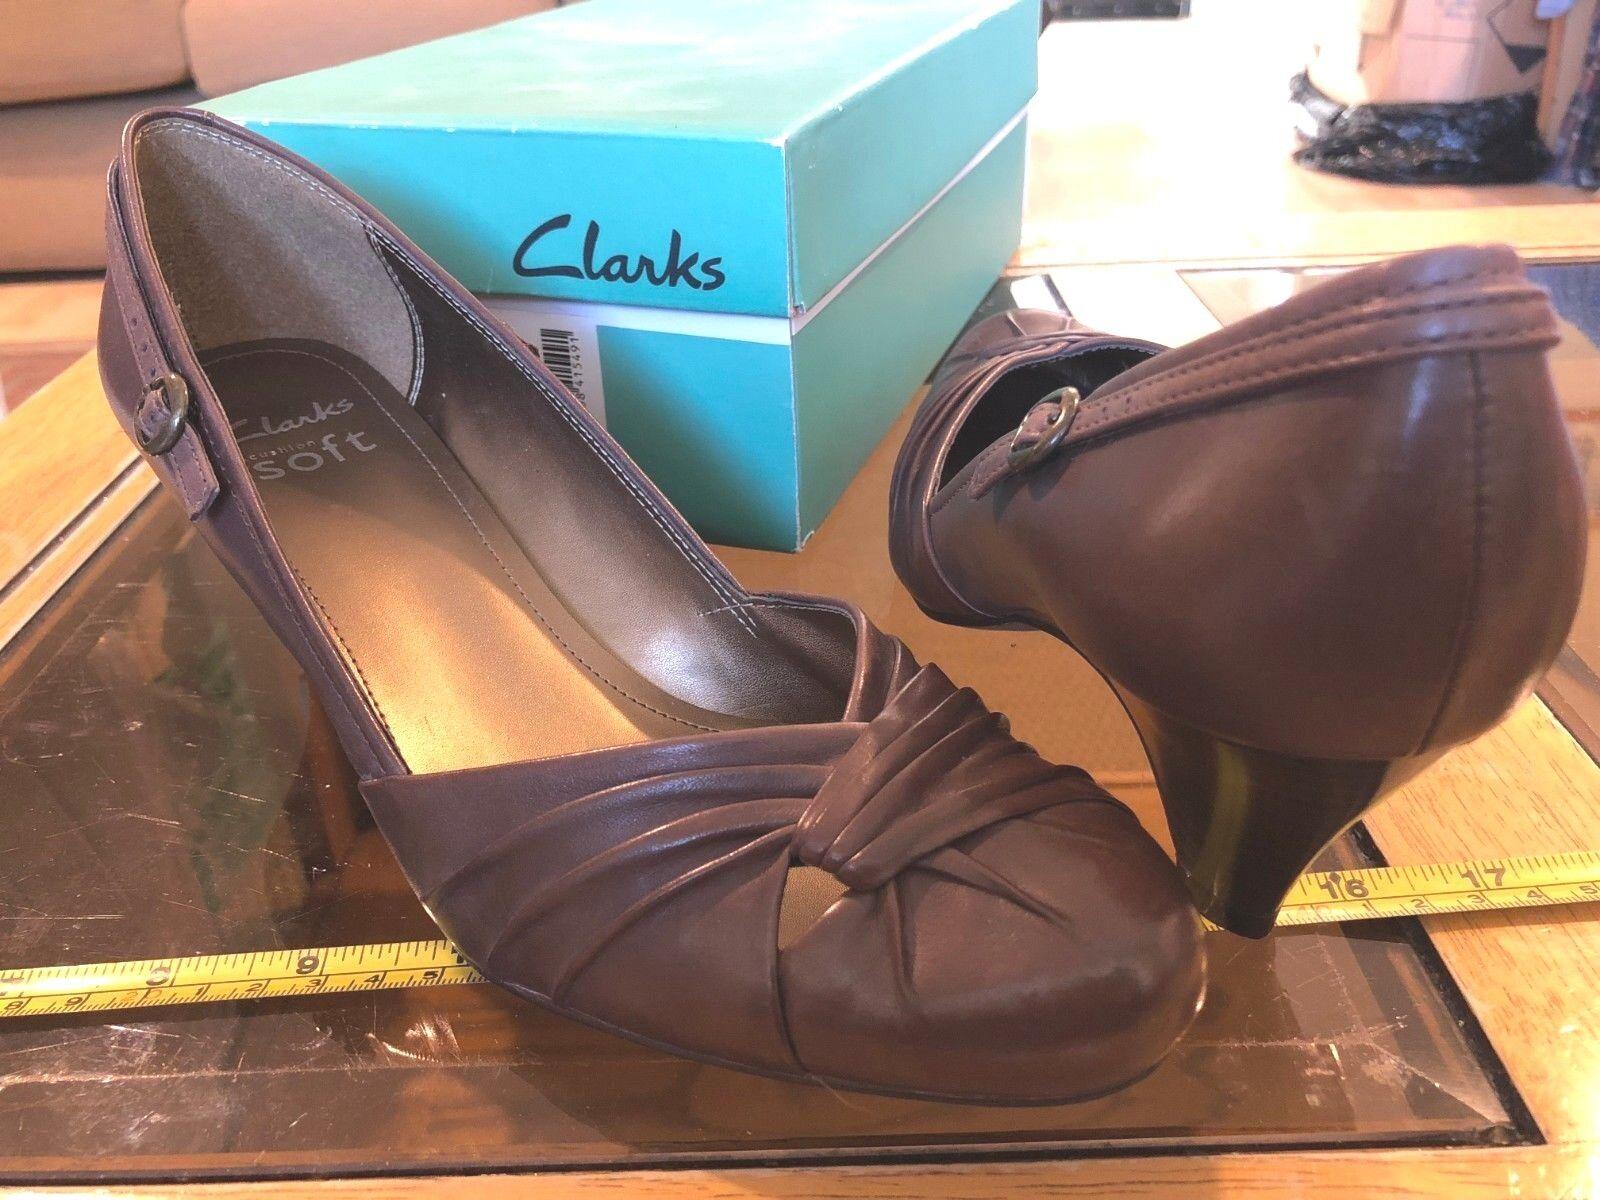 Clarks Clarks Clarks Marronei Scarpe col tacco donna Nuovo in Scatola Cusion SOFT Design Elegante   il prezzo delle concessioni  4a831e